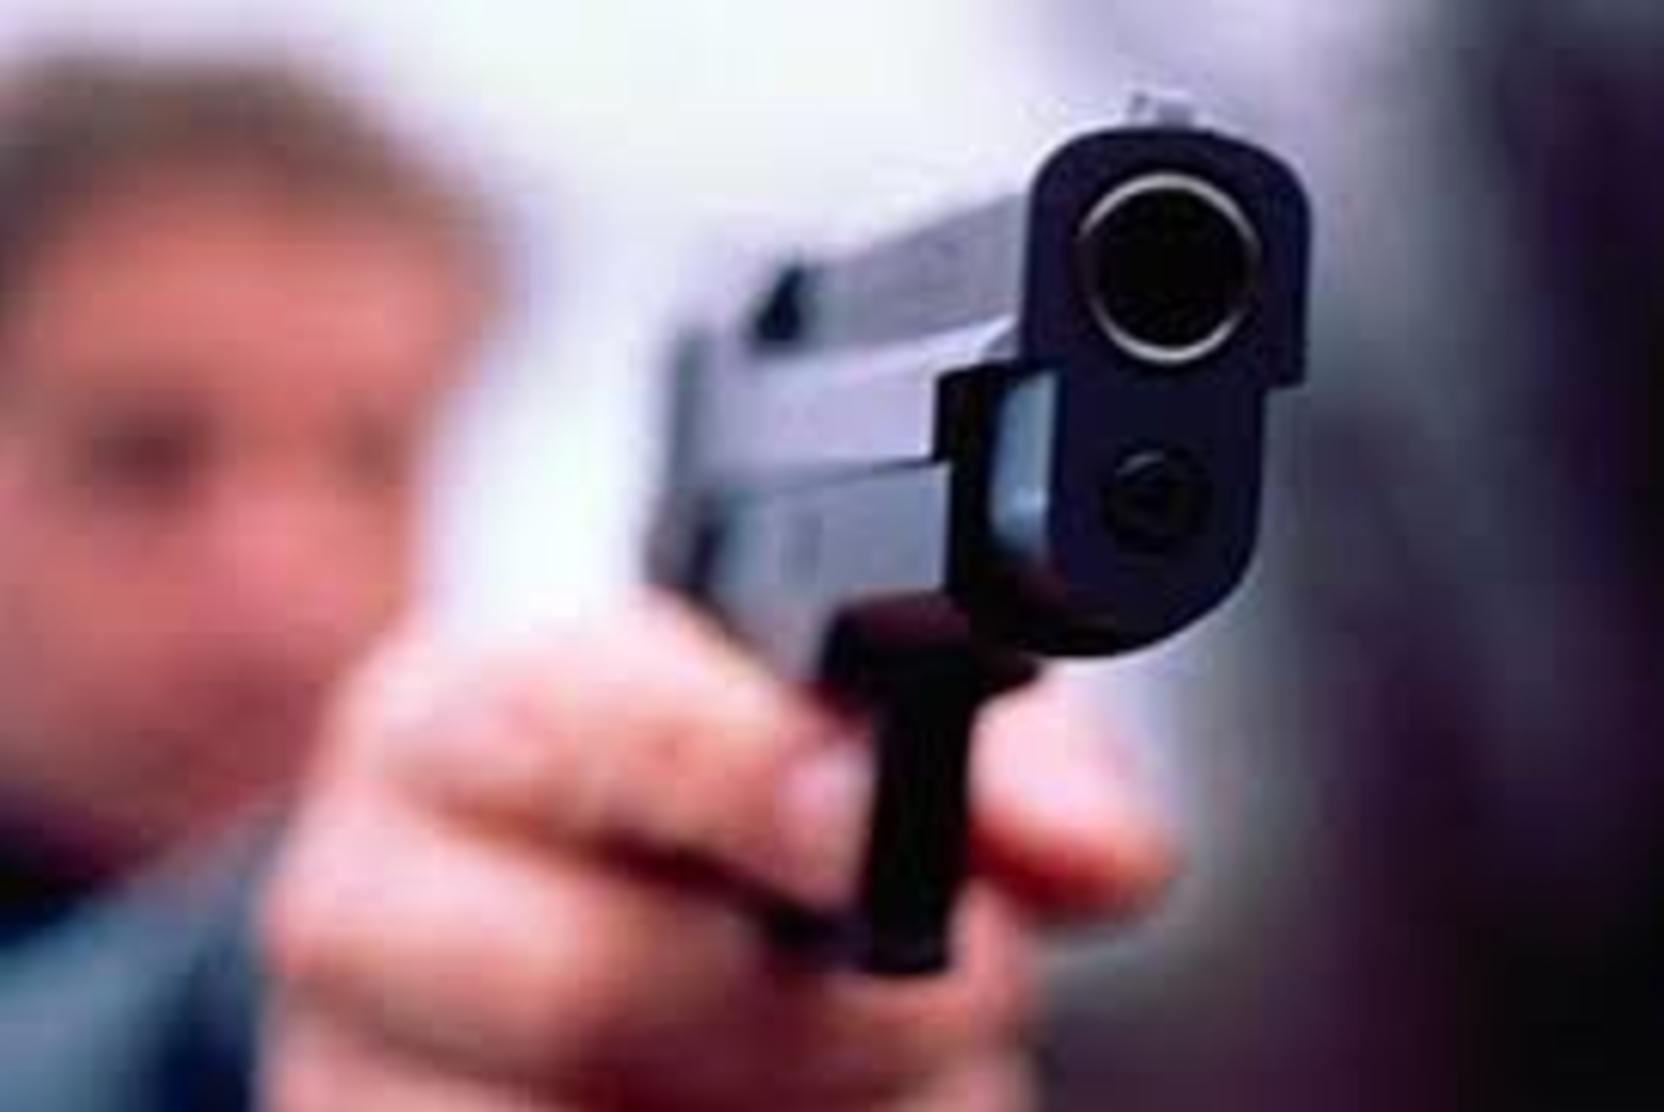 В селении Майское в ходе конфликта убит 22-летний мужчина